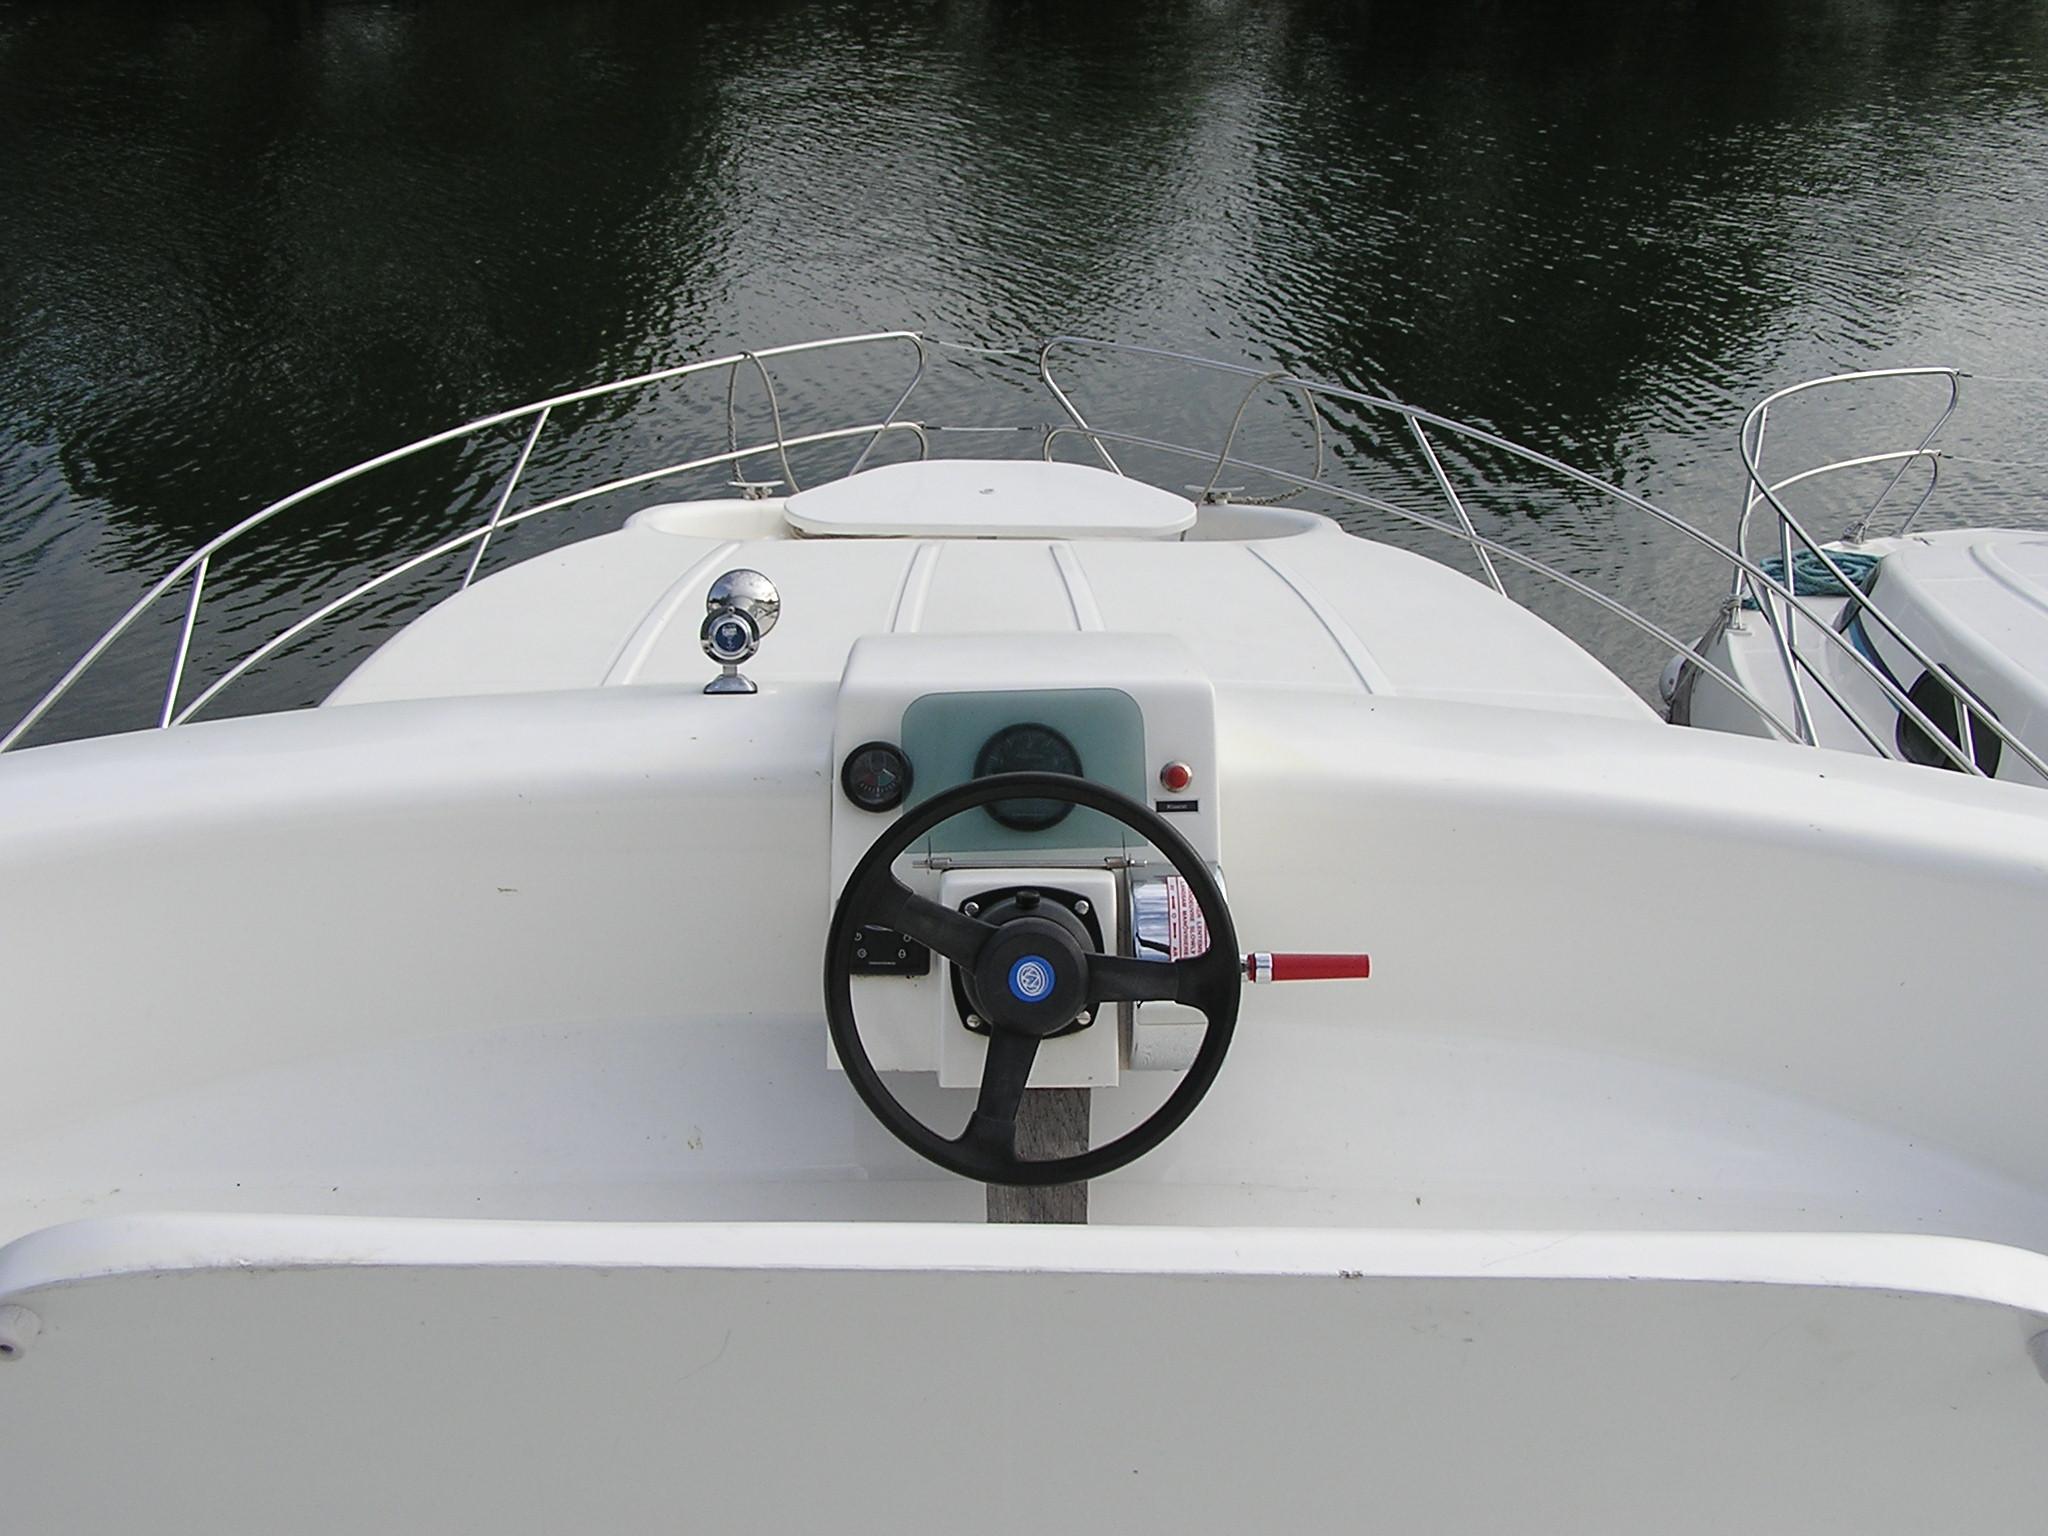 Nicols Estivale QUATTRO poste de pilotage exterieur sireuil charente inter croisieres